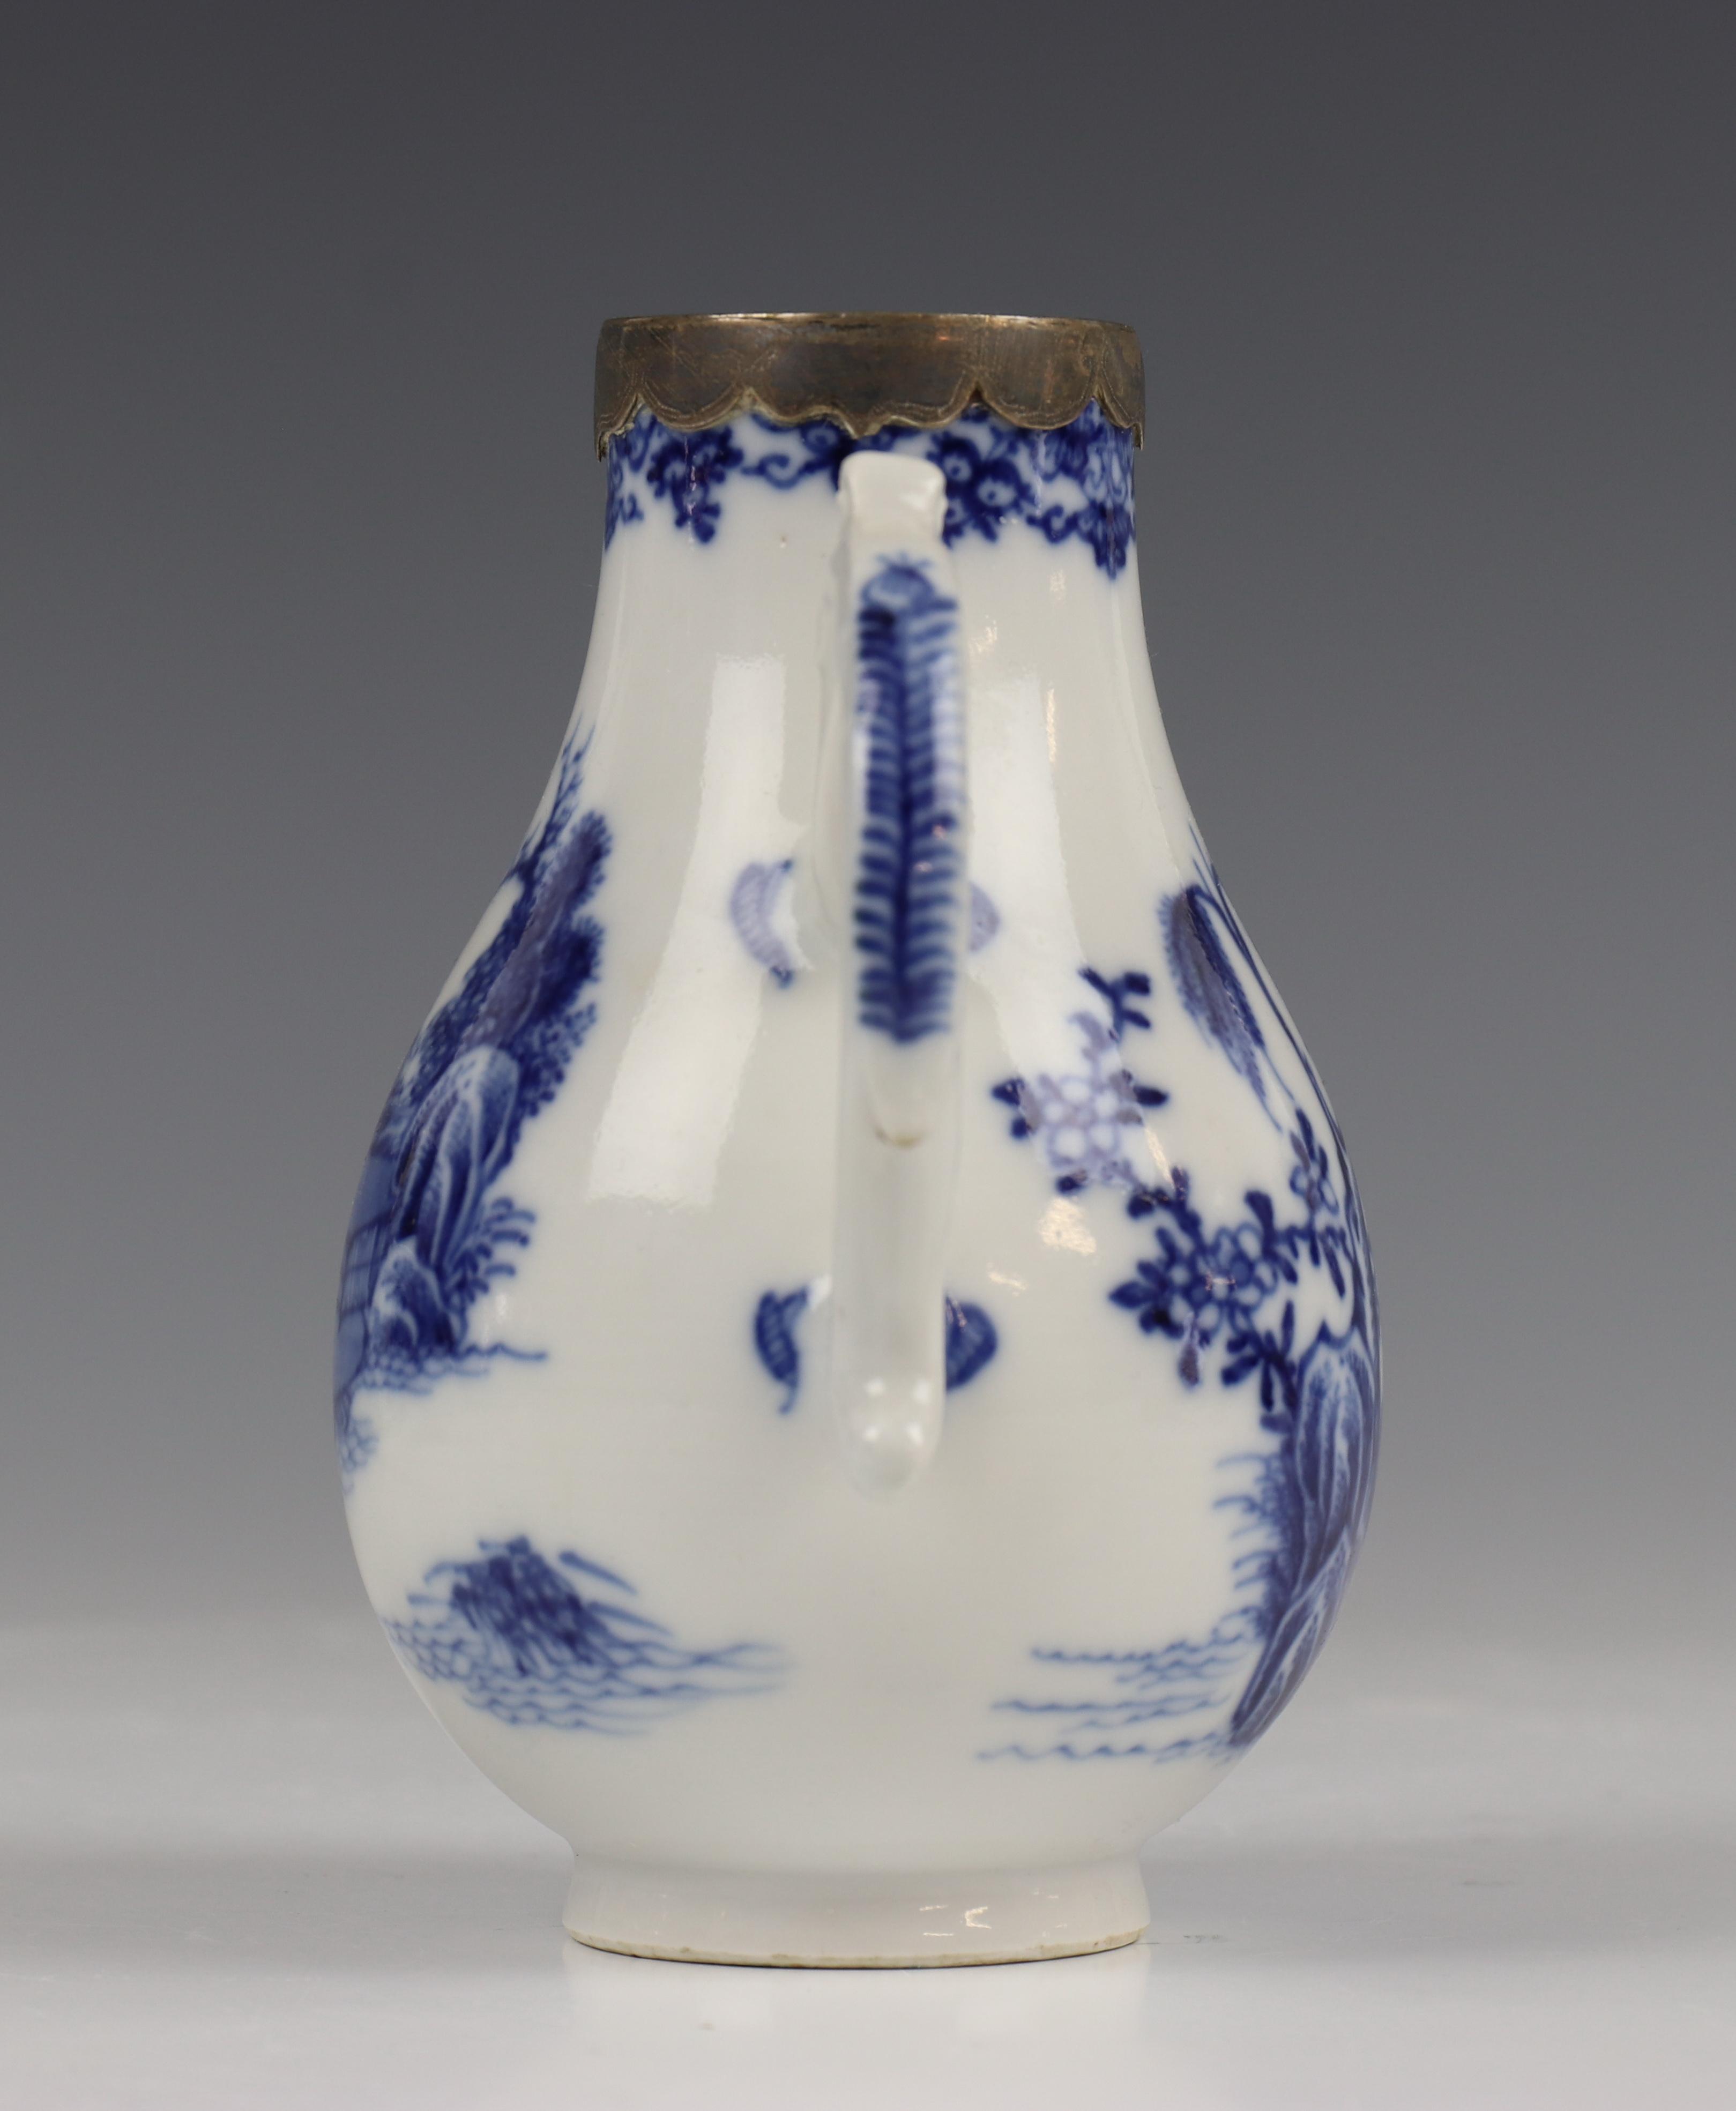 China, blauw-wit porseleinen trekpot, Imari trekpotje en melkkan, 18e eeuw, - Image 17 of 21